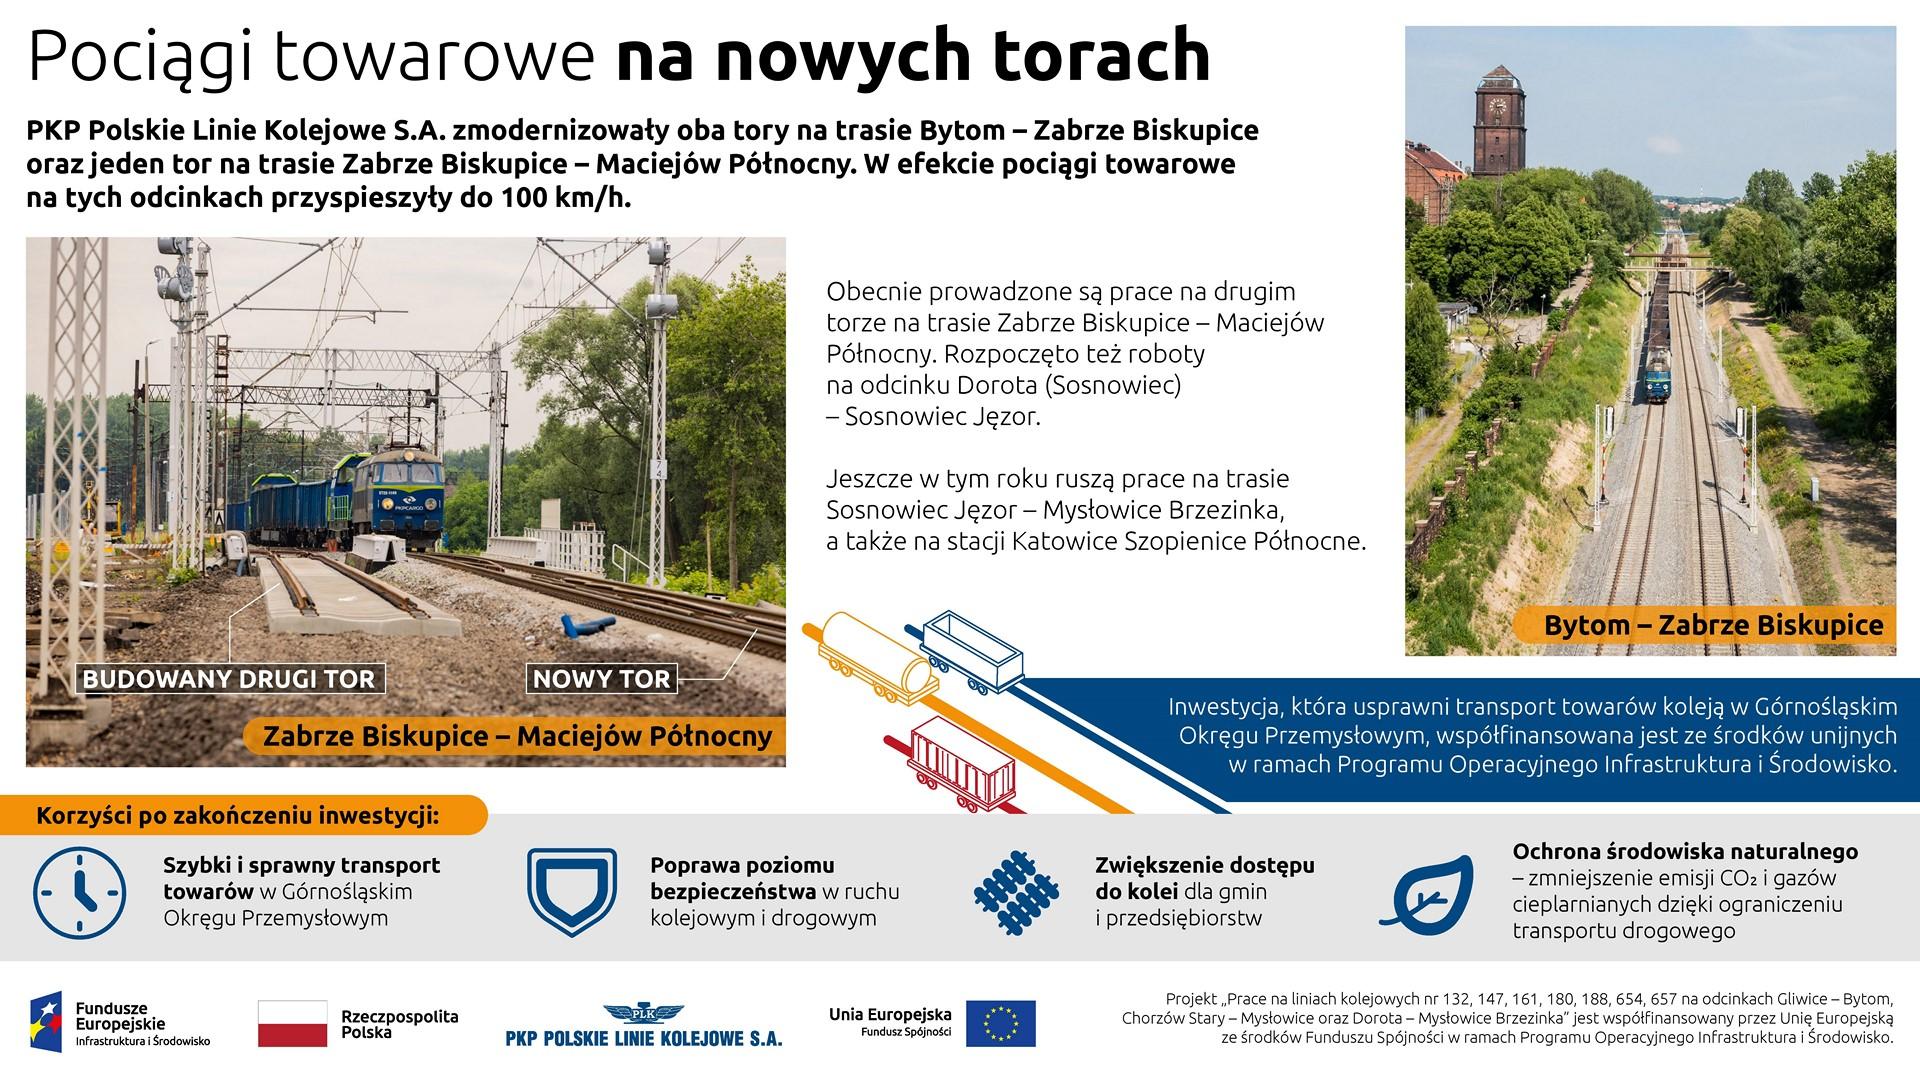 Infografika przedstawia efekt modernizacji trasy Bytom - Zabrze Biskupice. Pociągi towarowe będą mogły poruszać się z prędkością do 100 km/h